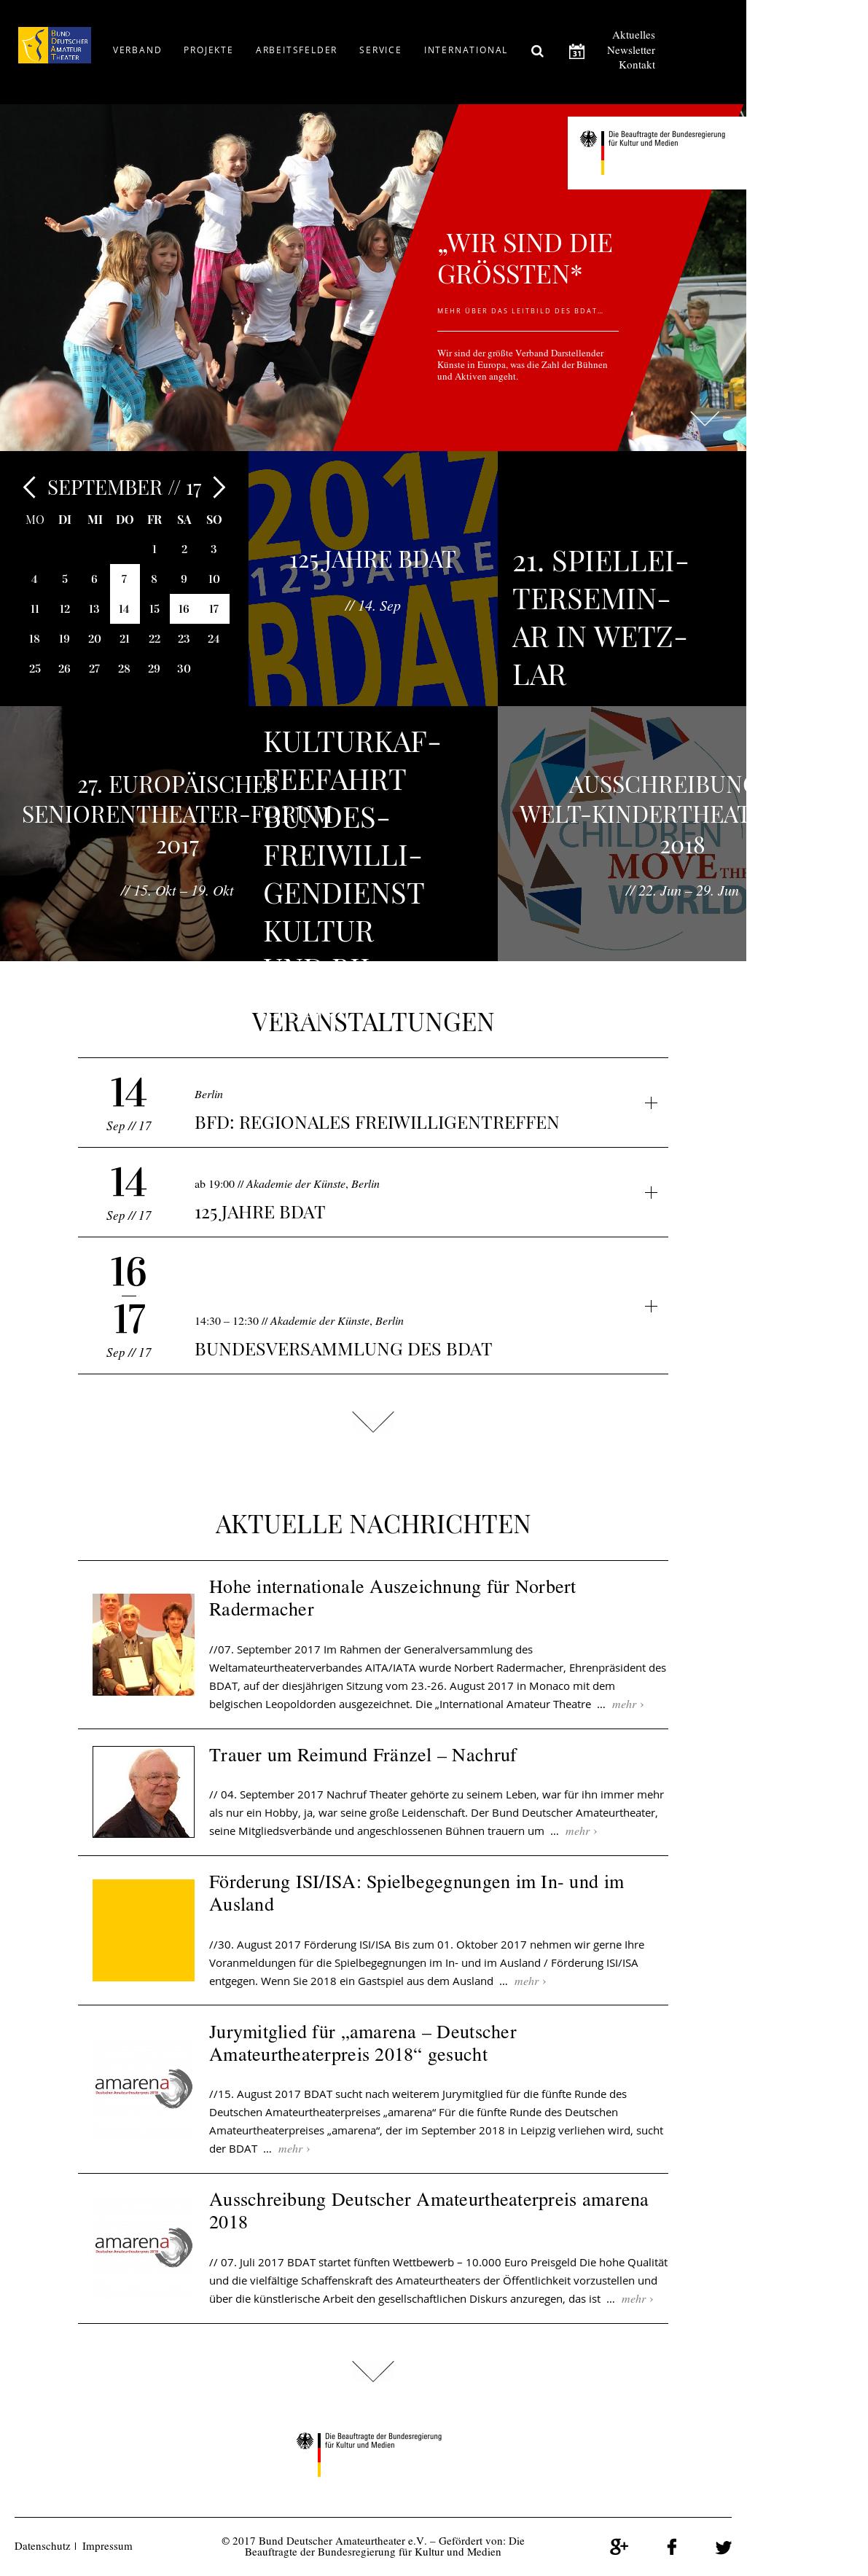 Bund Deutscher Amateurtheater (Bdat) Competitors, Revenue and ...